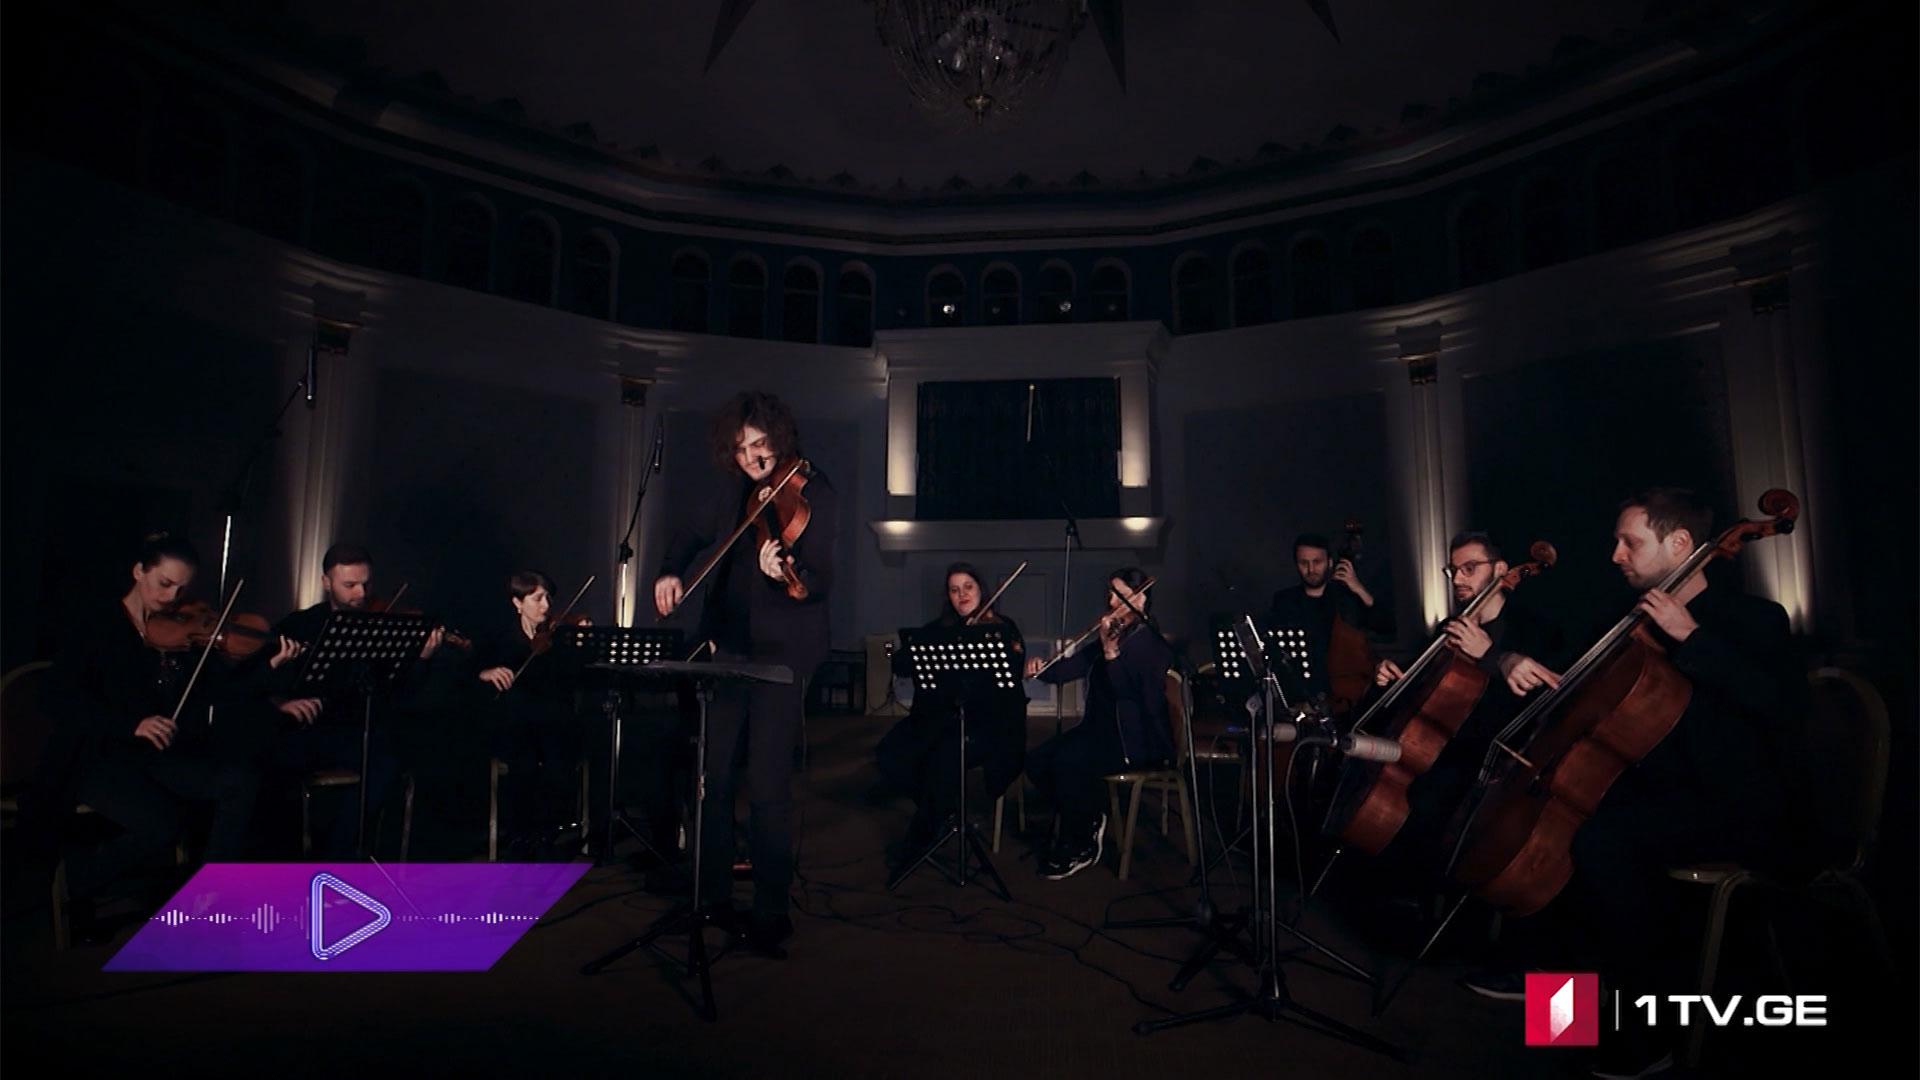 #აკუსტიკა Zagareli & Strings - Smells Like Teen Spirit